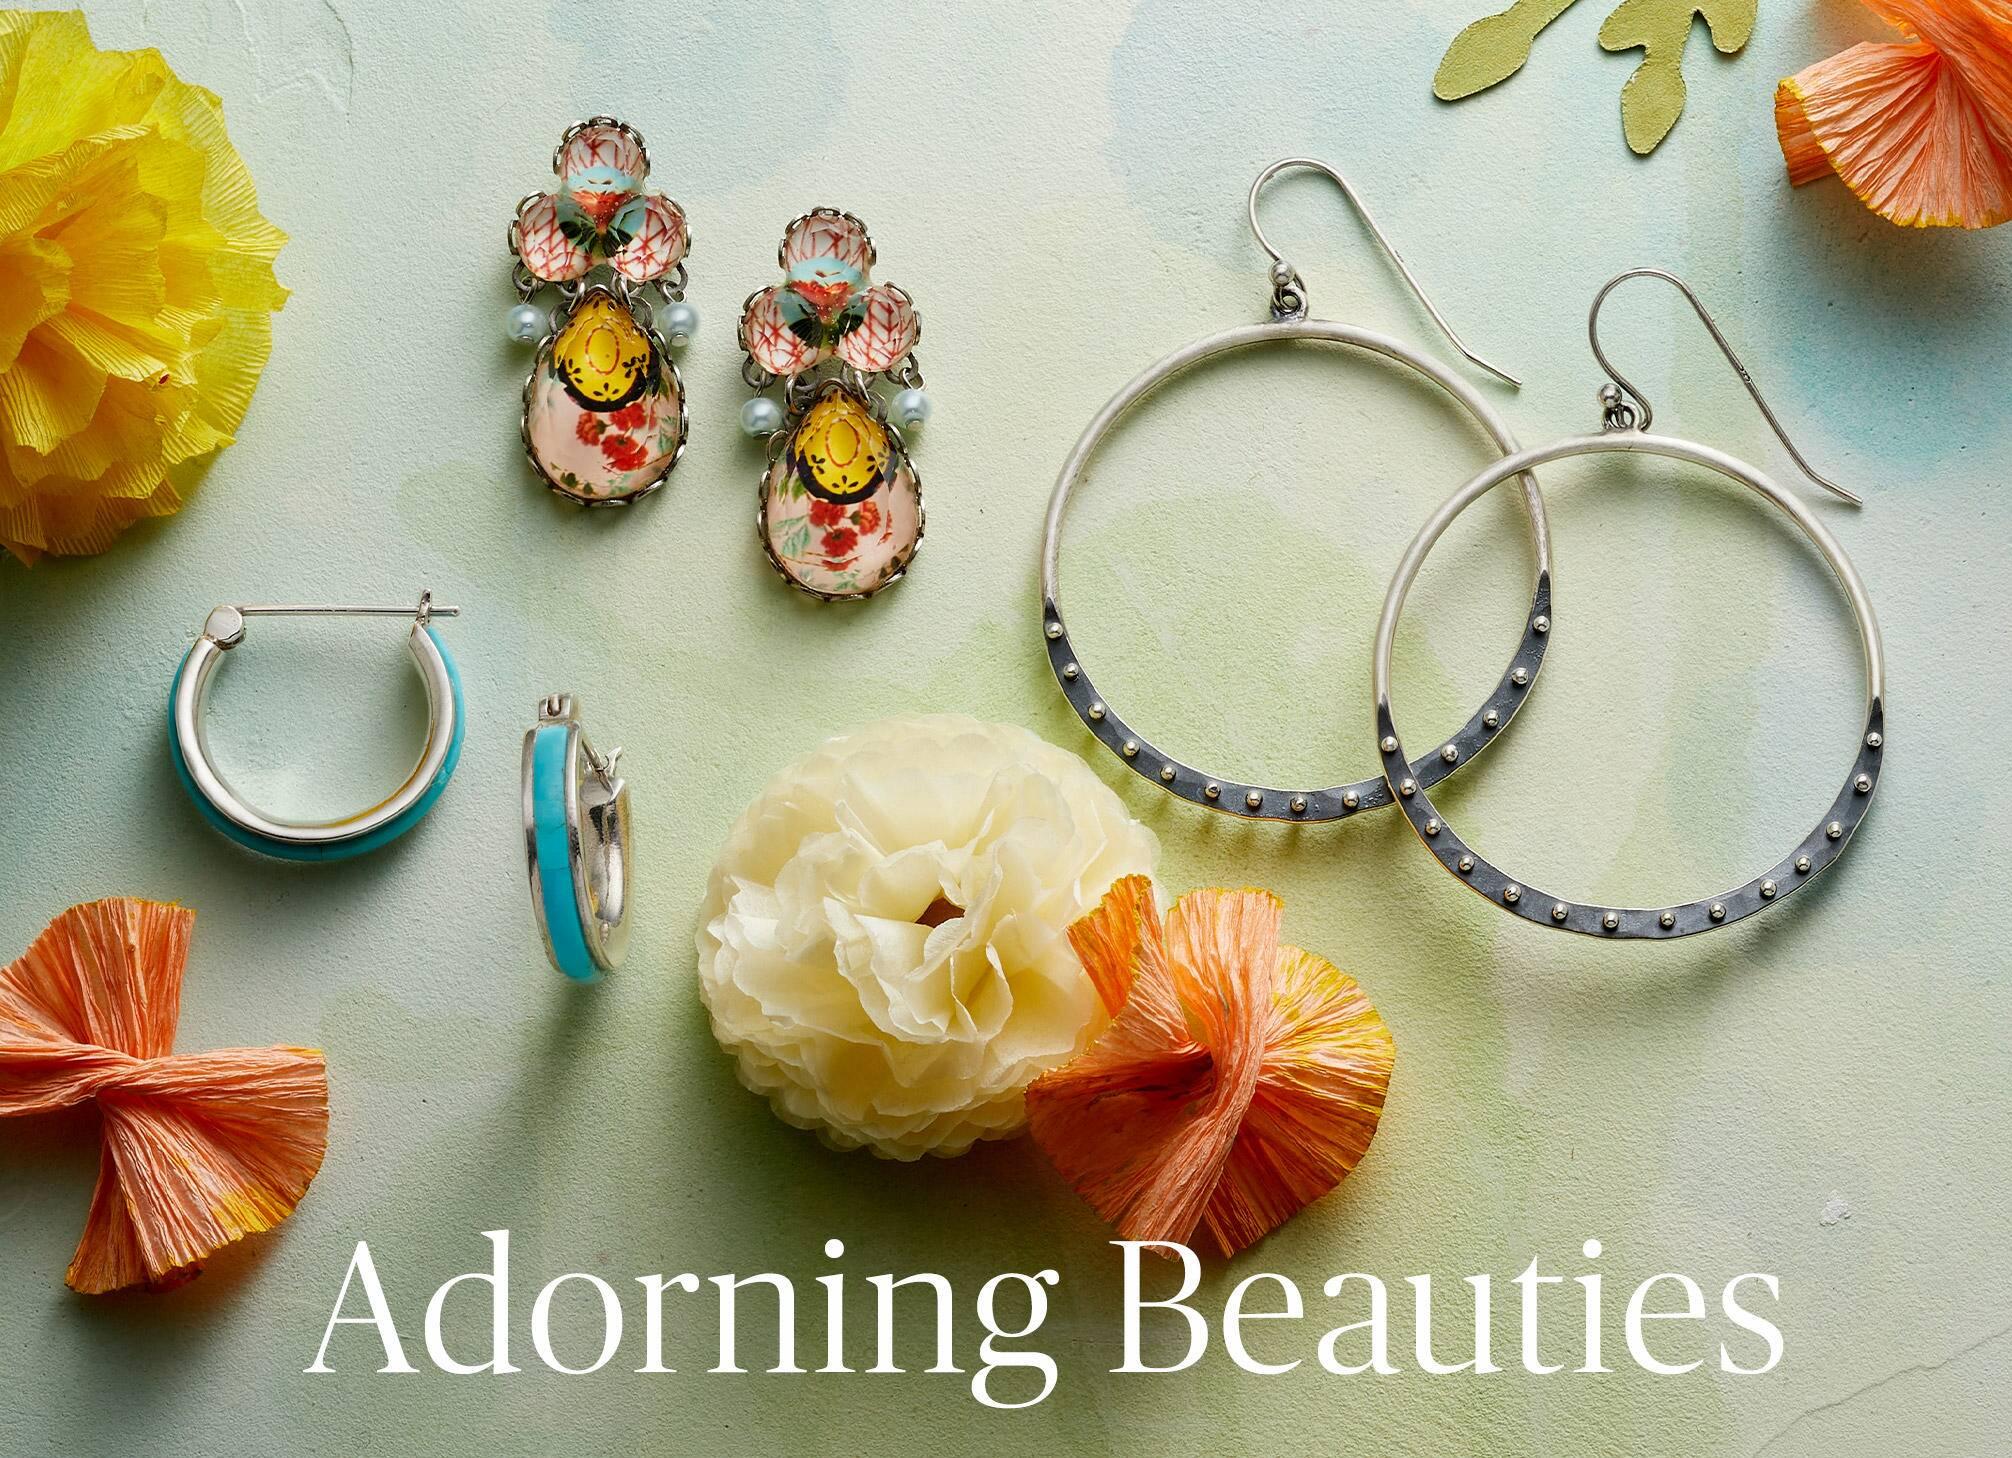 Adoring Beauties